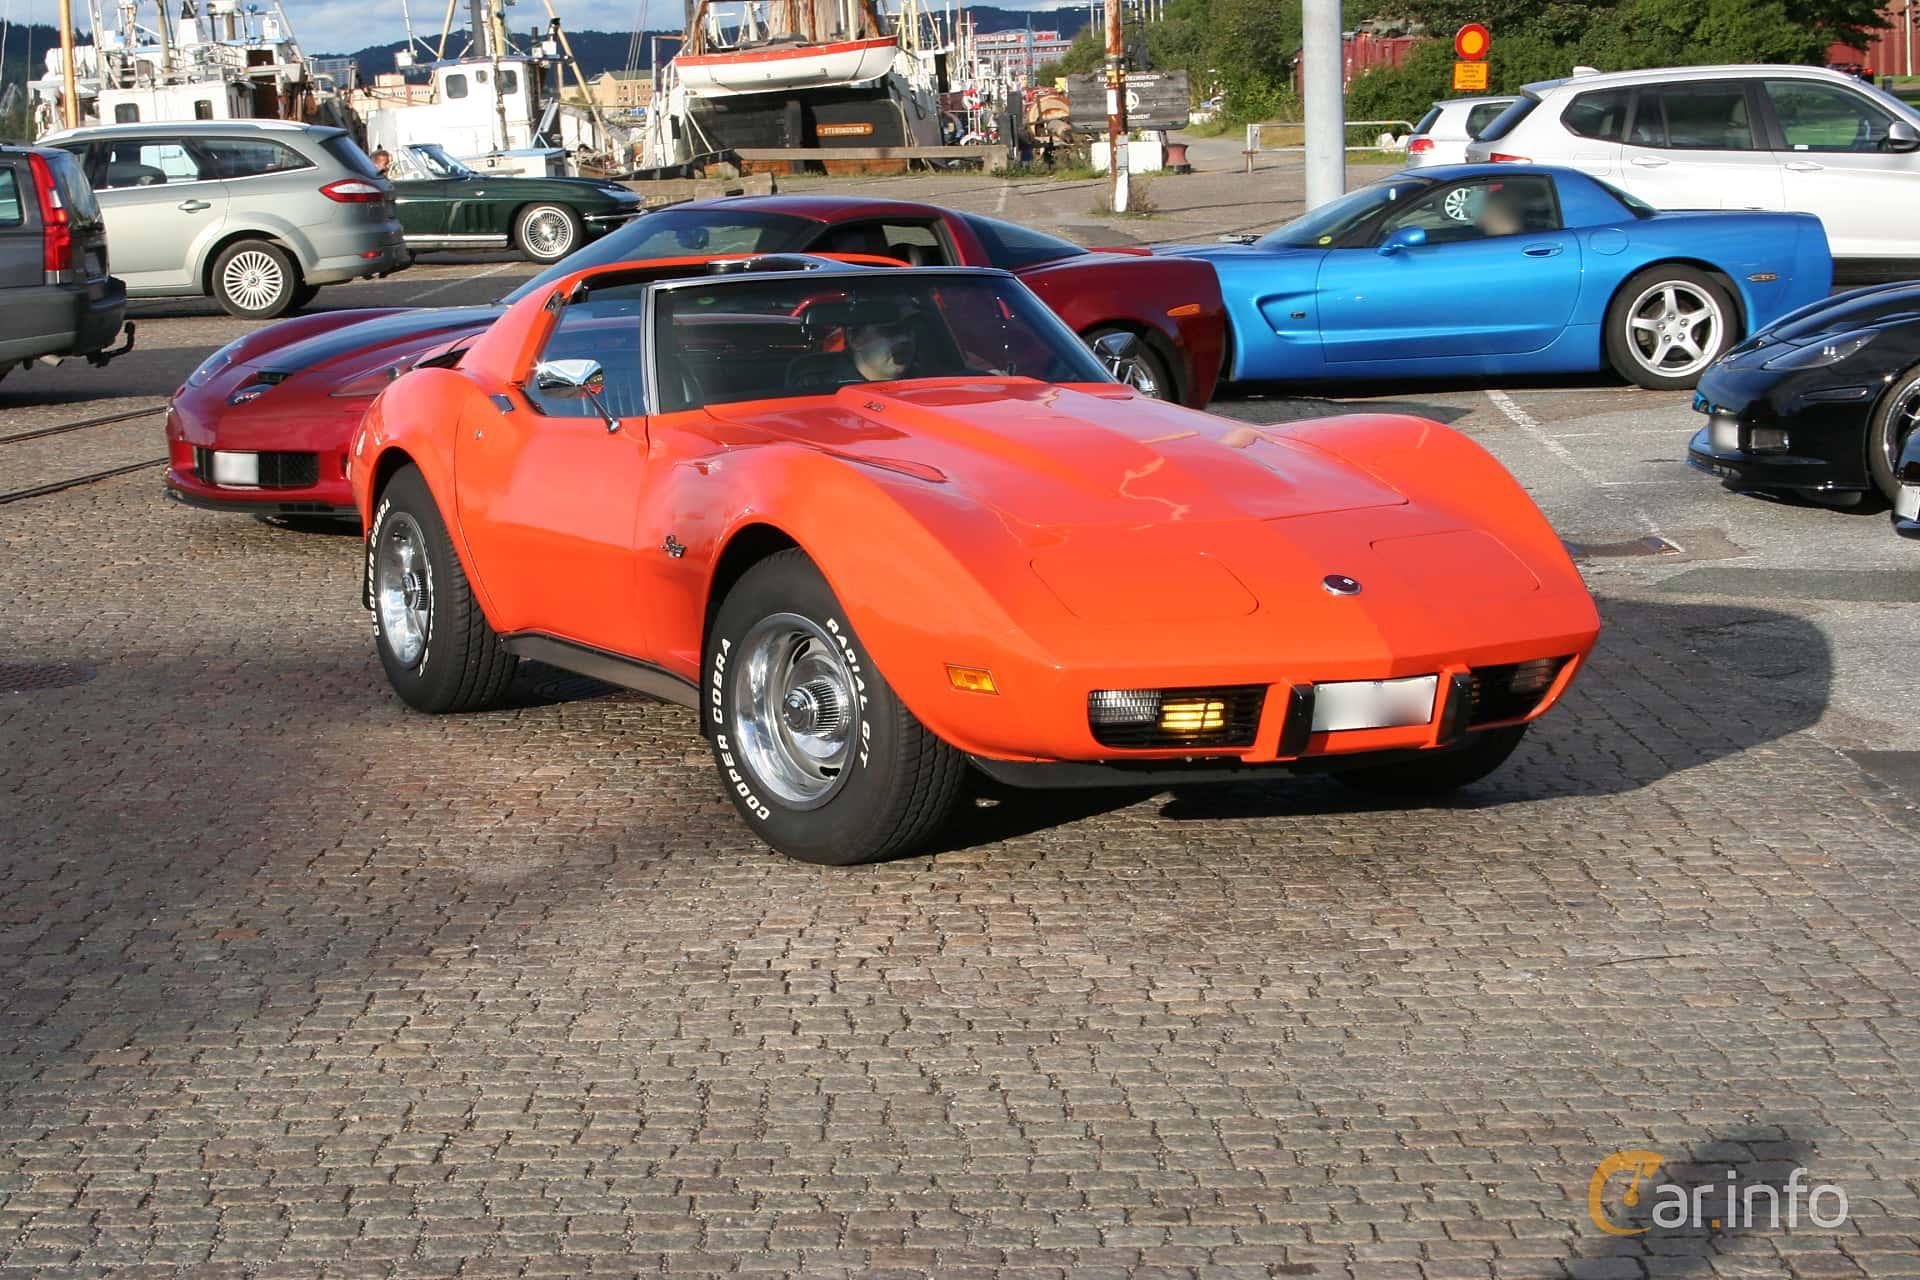 Chevrolet Corvette Stingray 5.7 V8 Automatic, 213hp, 1976